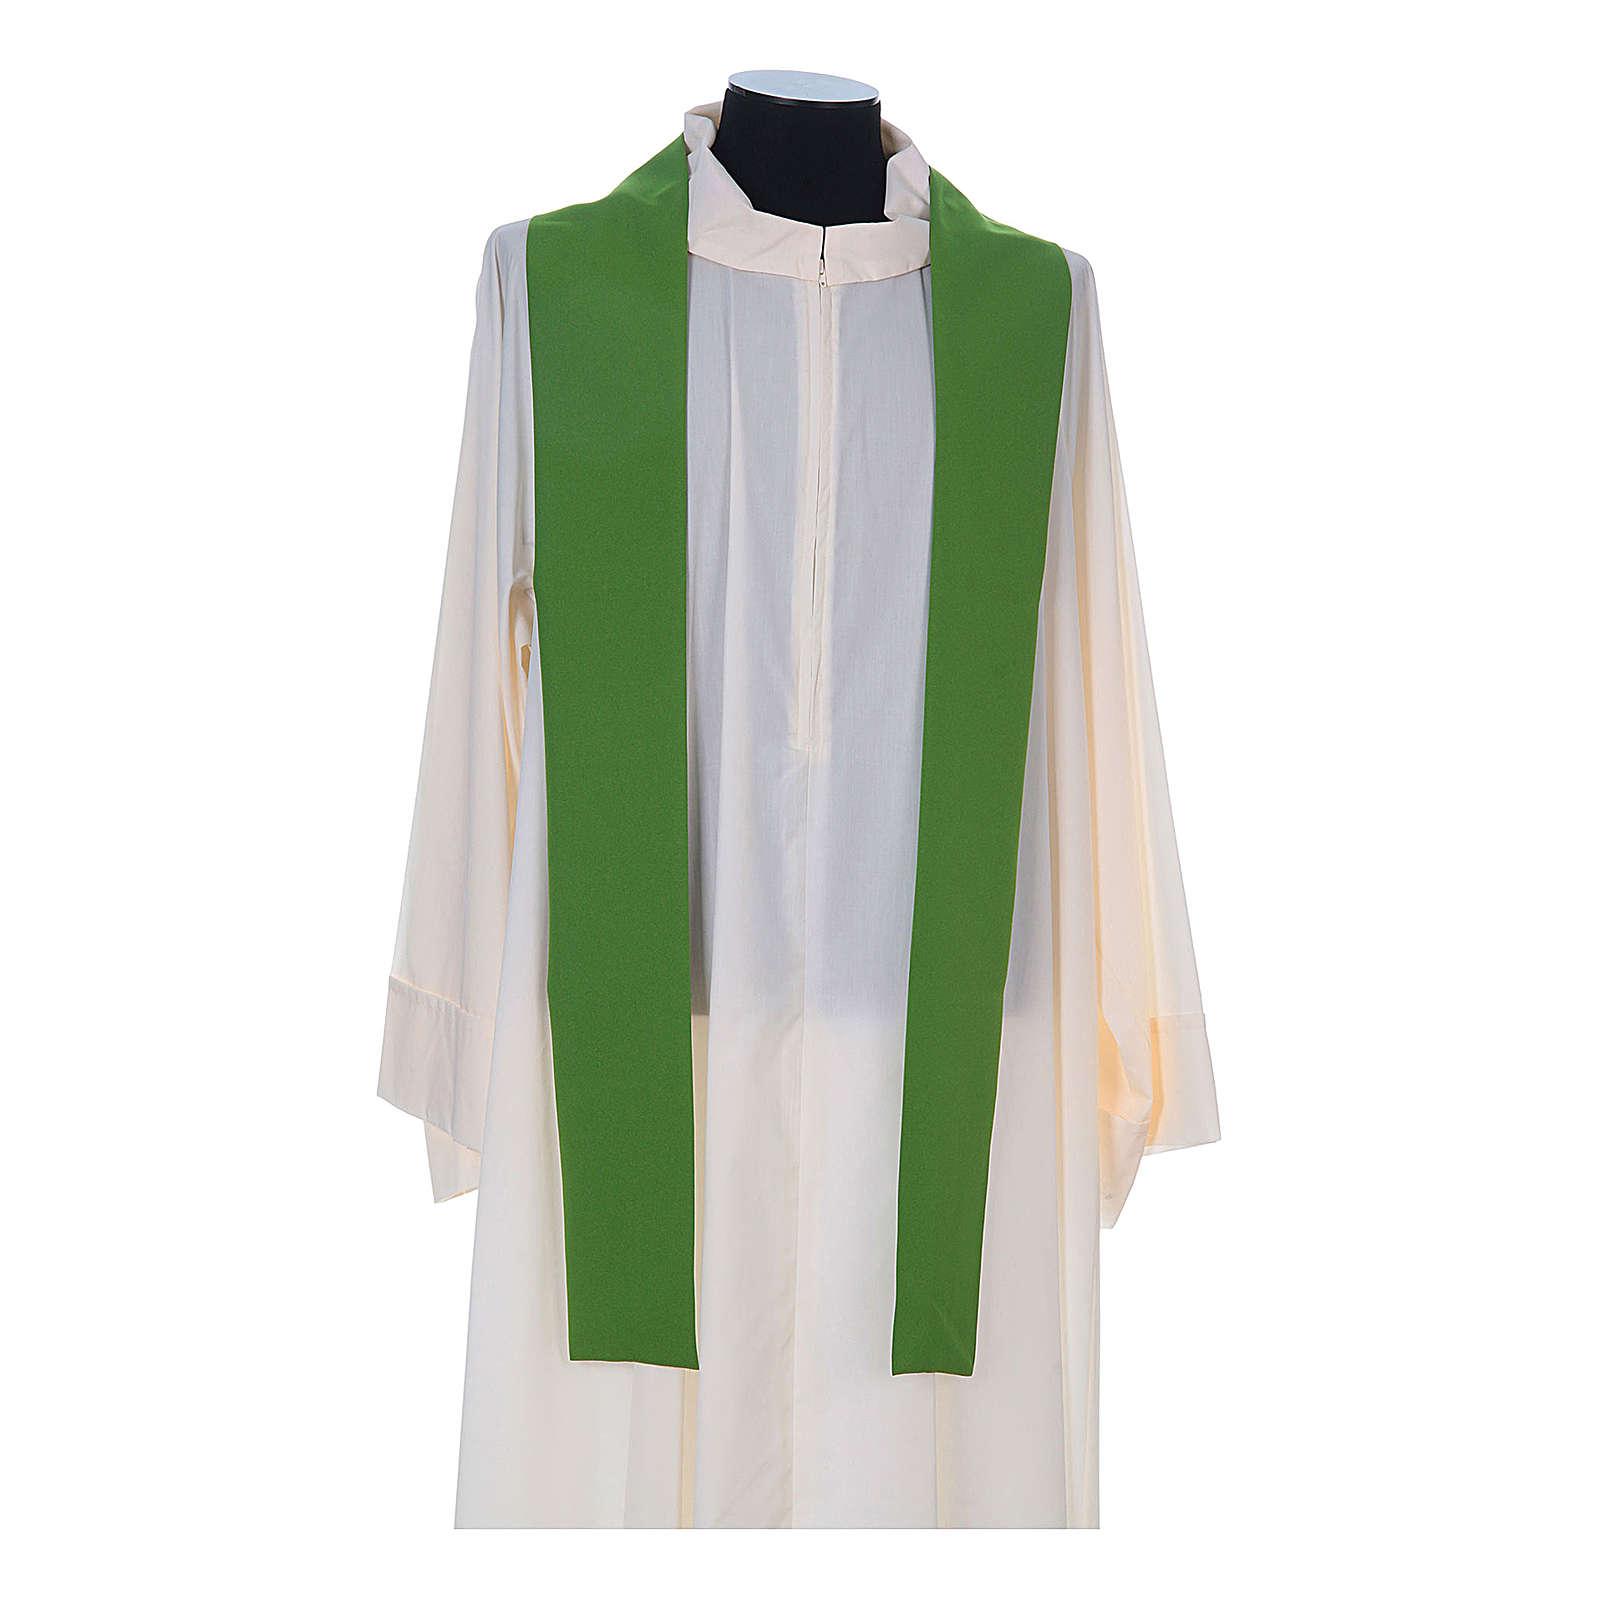 Priester Stola